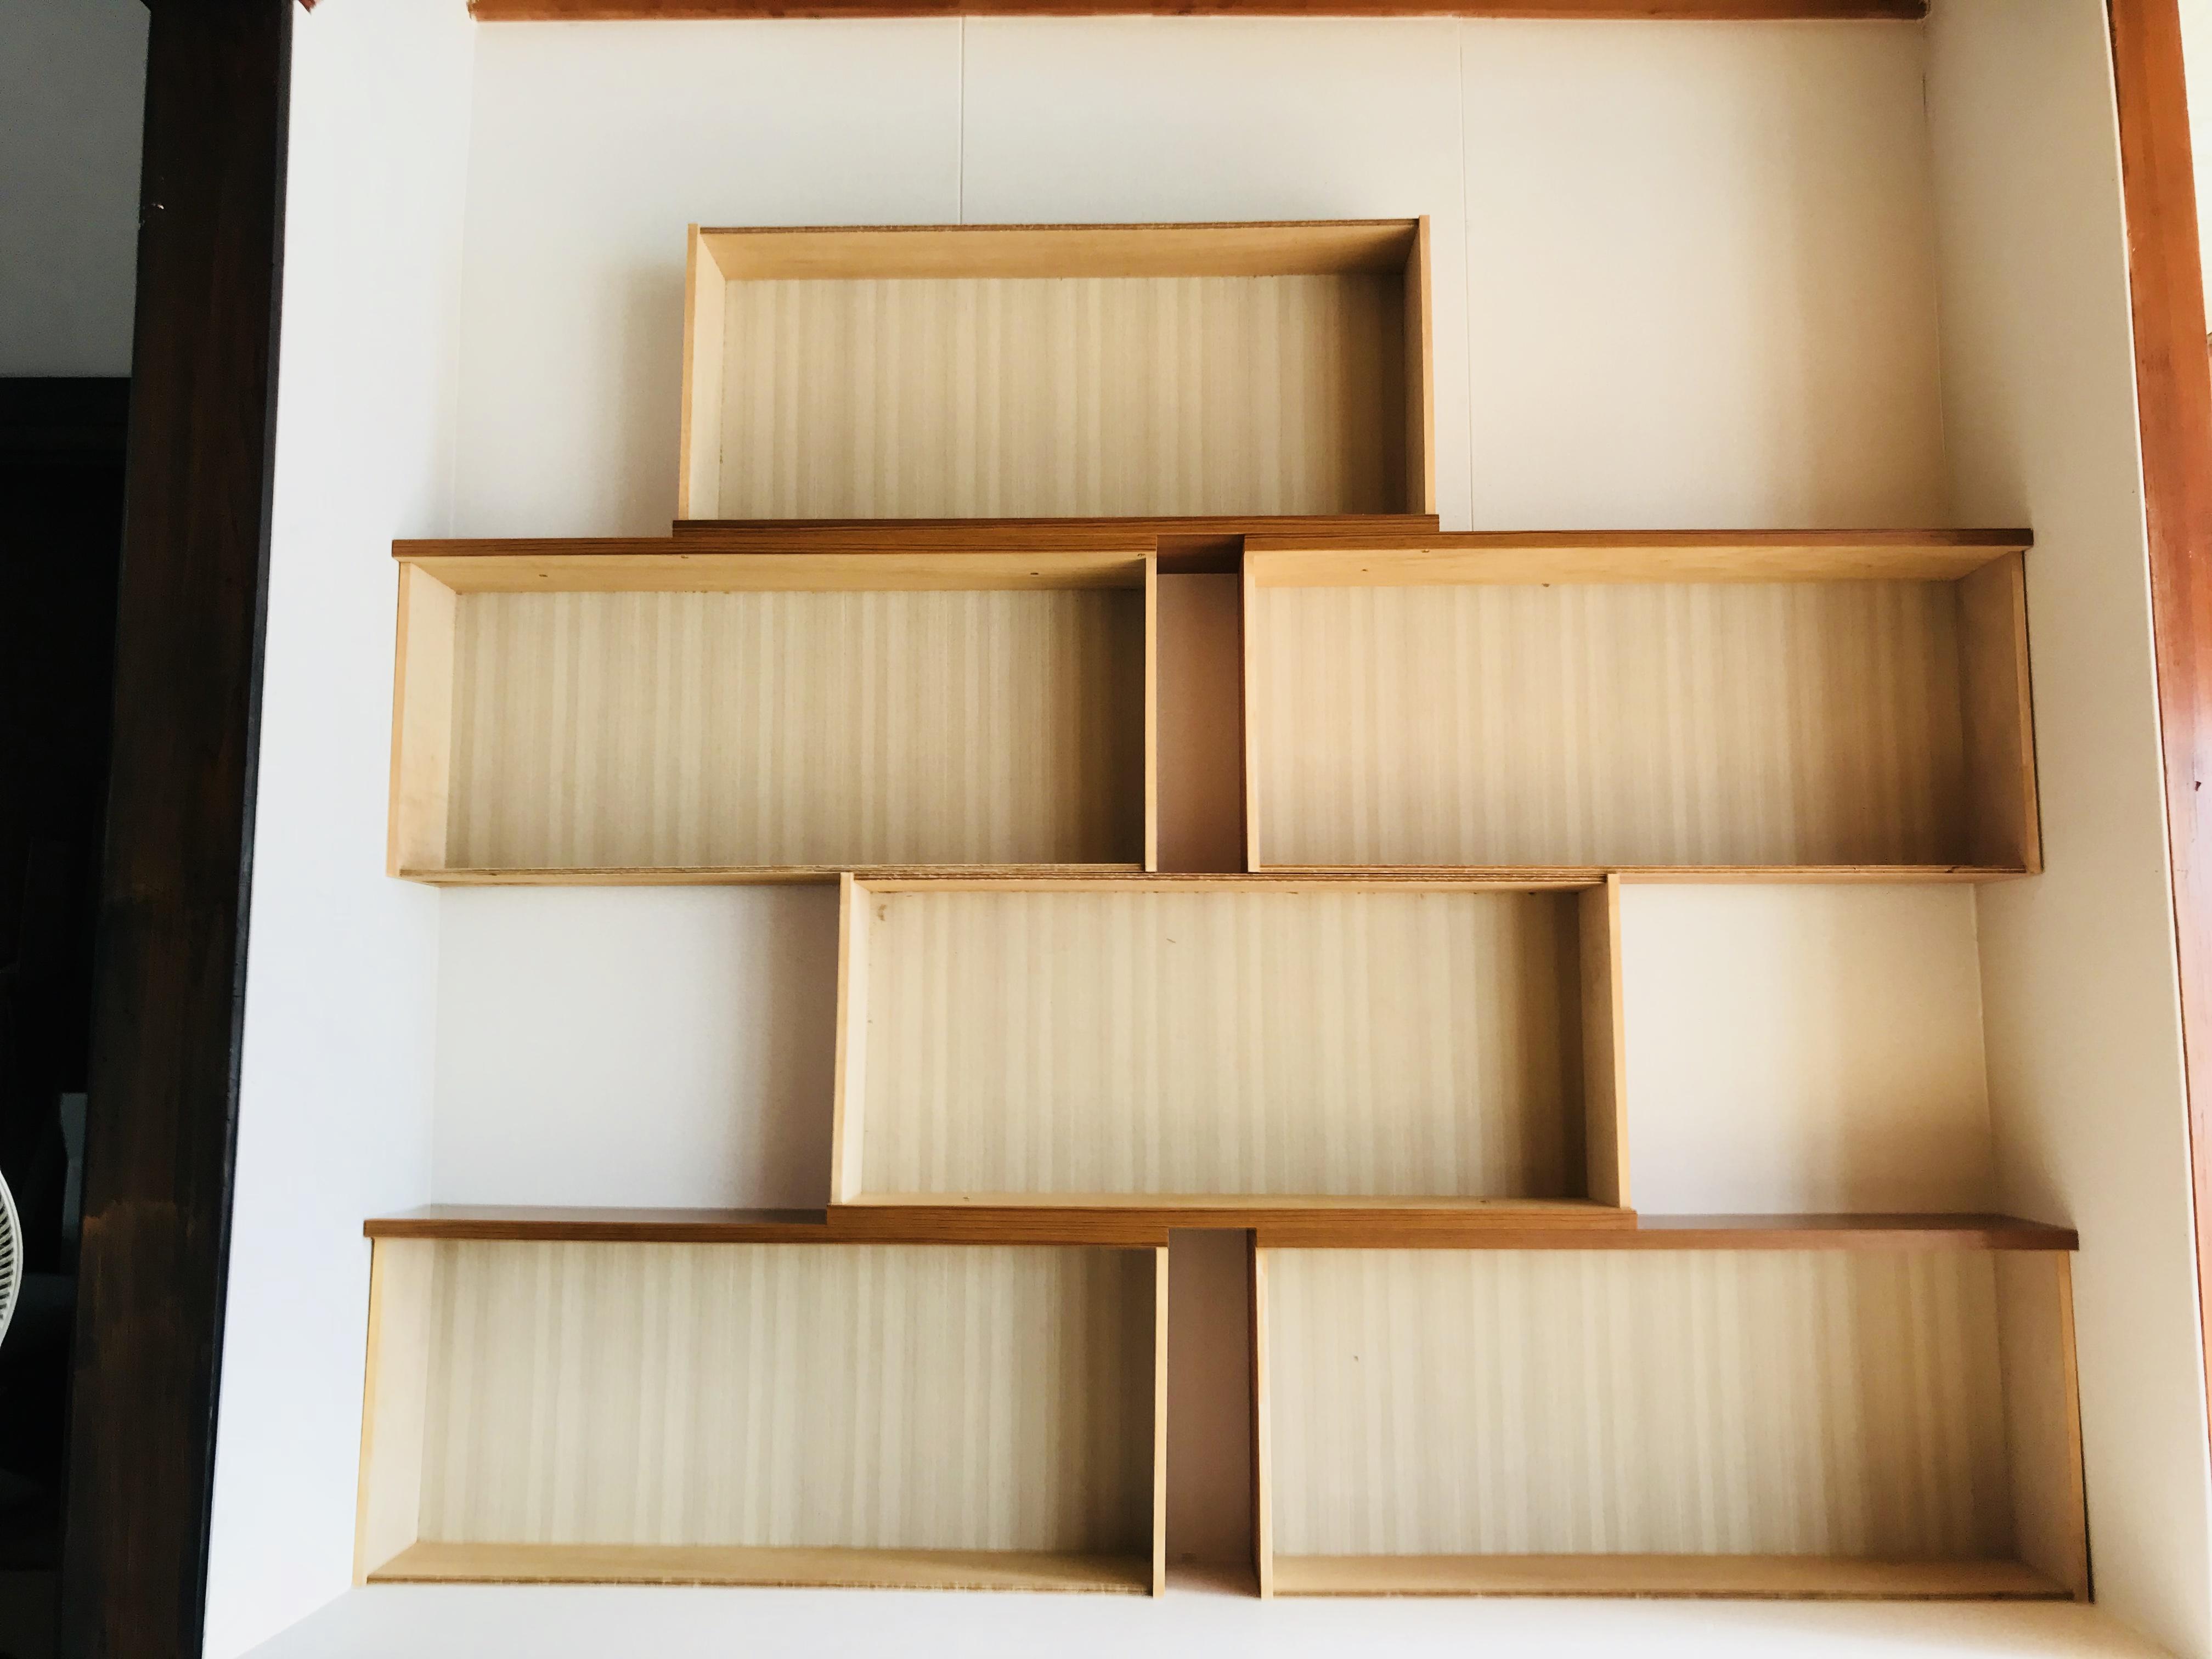 タンスを使って本棚をDIY